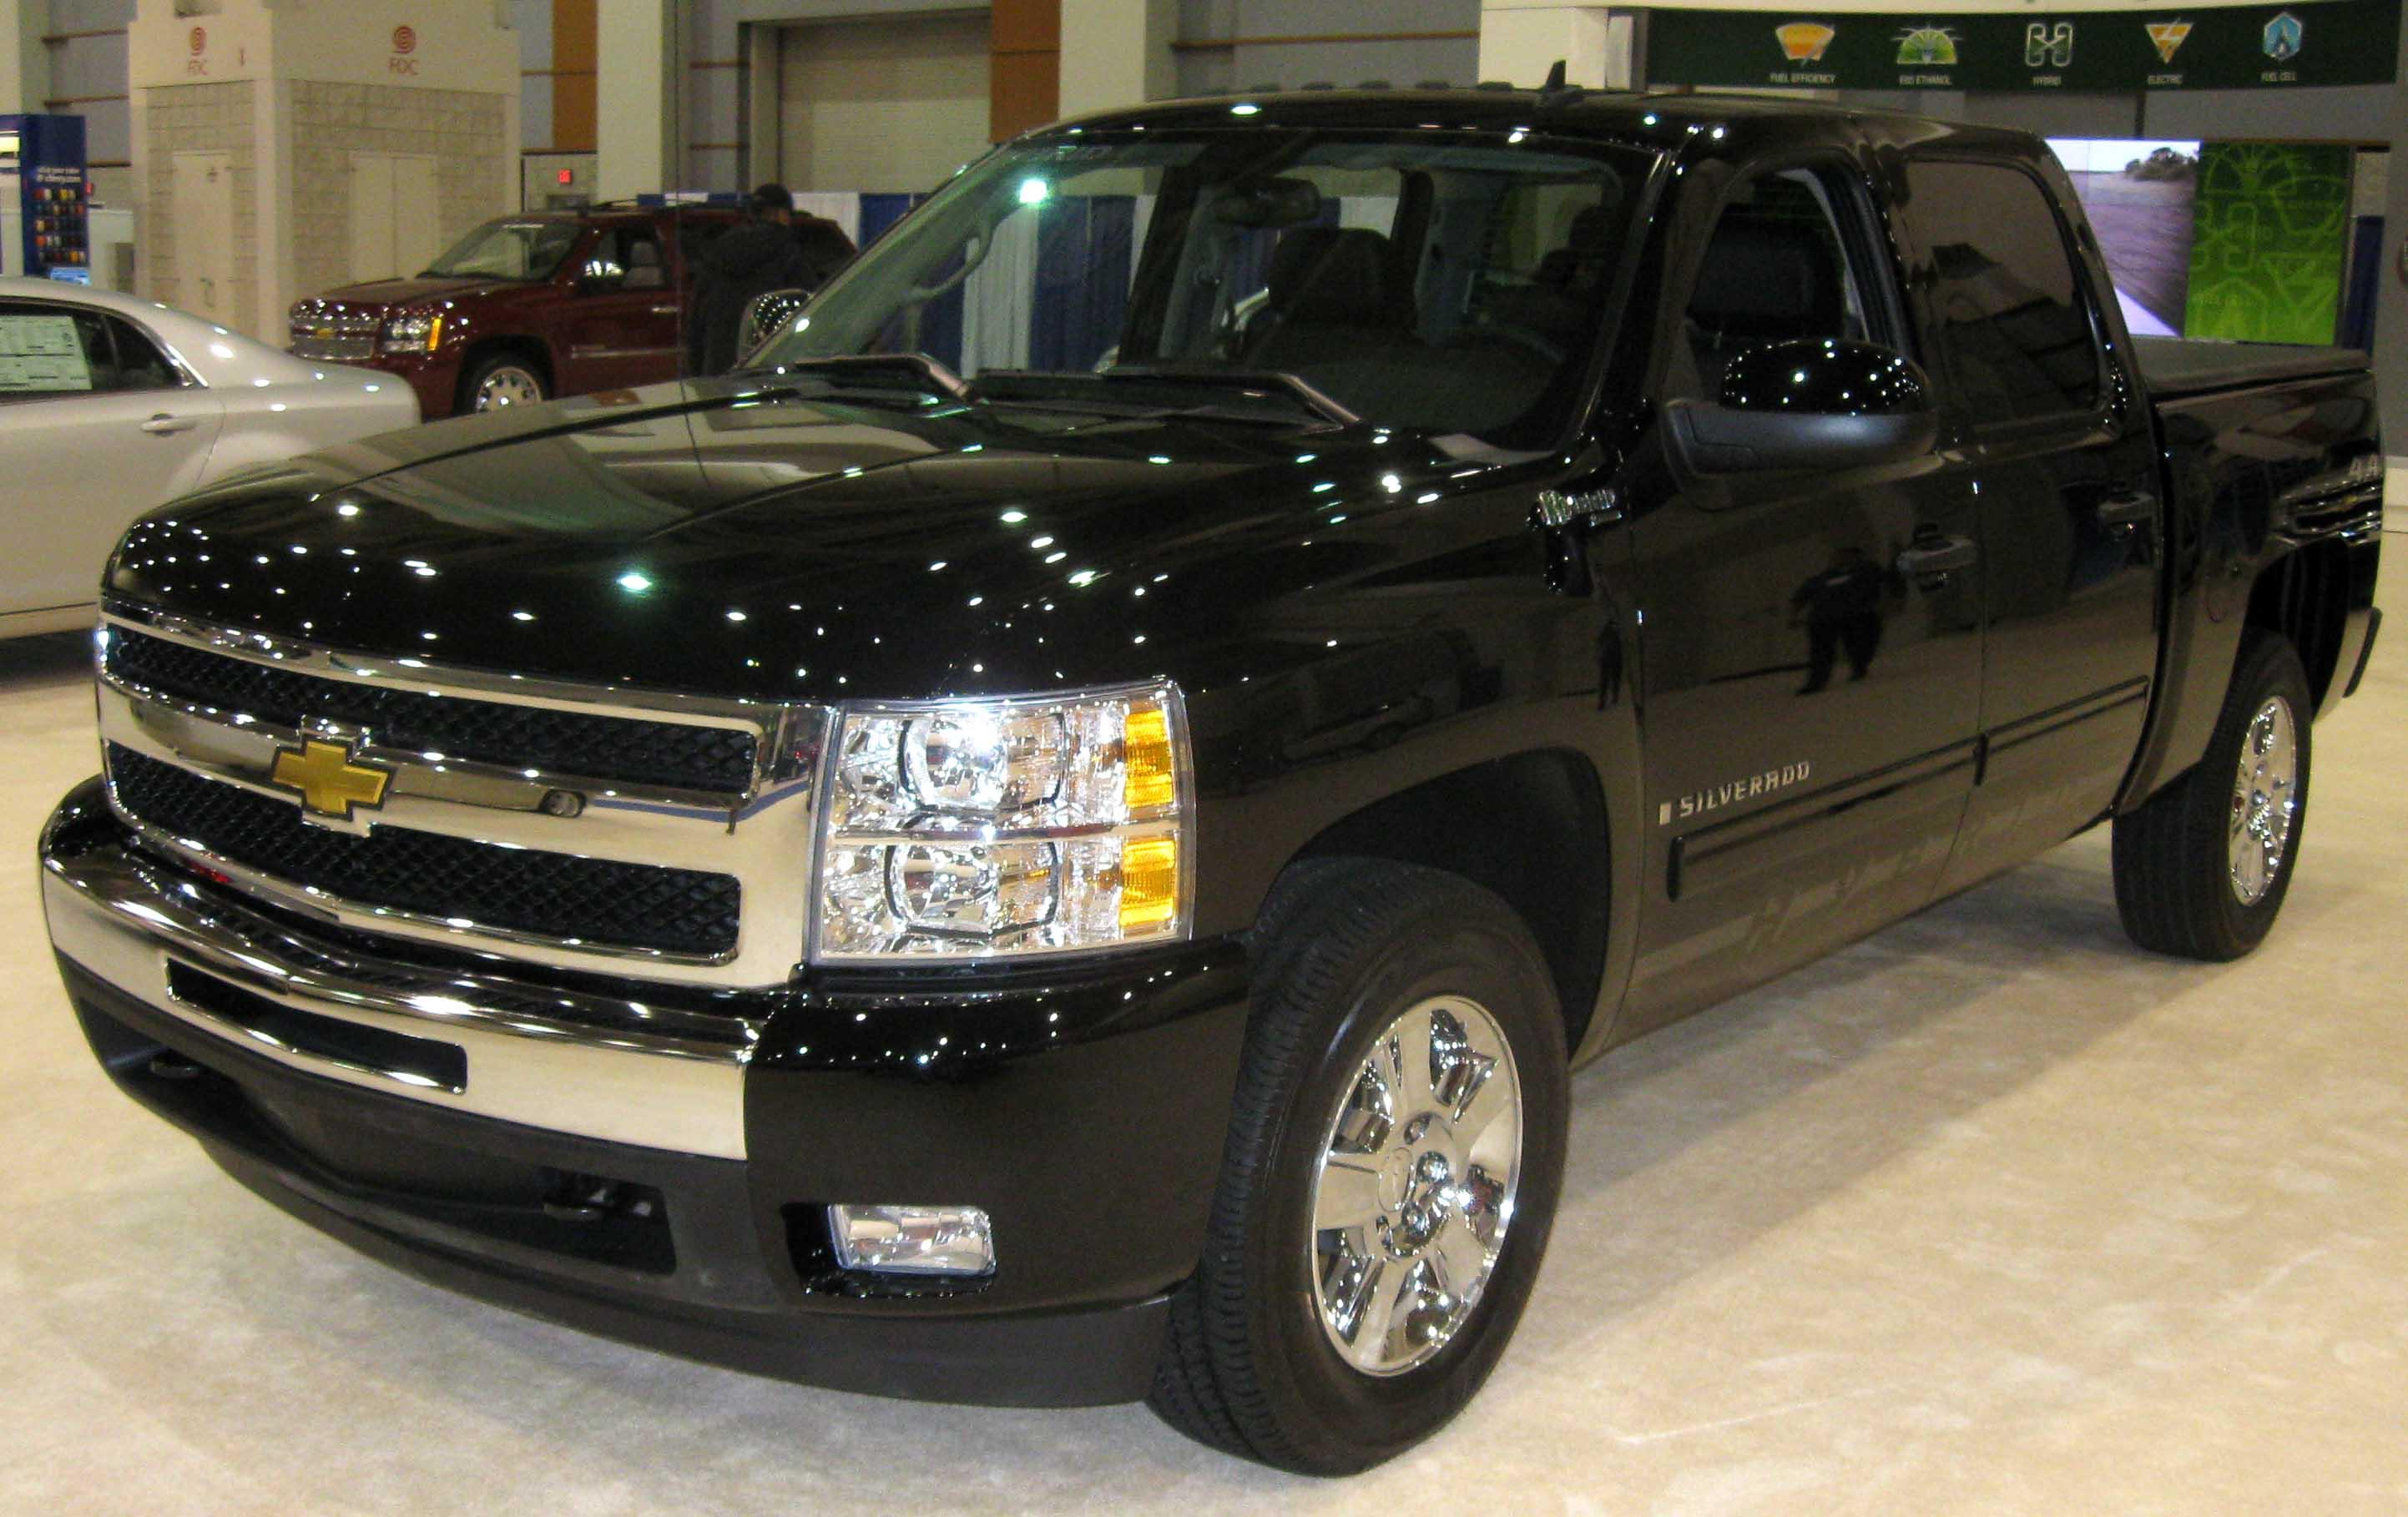 2013 Chevrolet Silverado - GM Canada |.